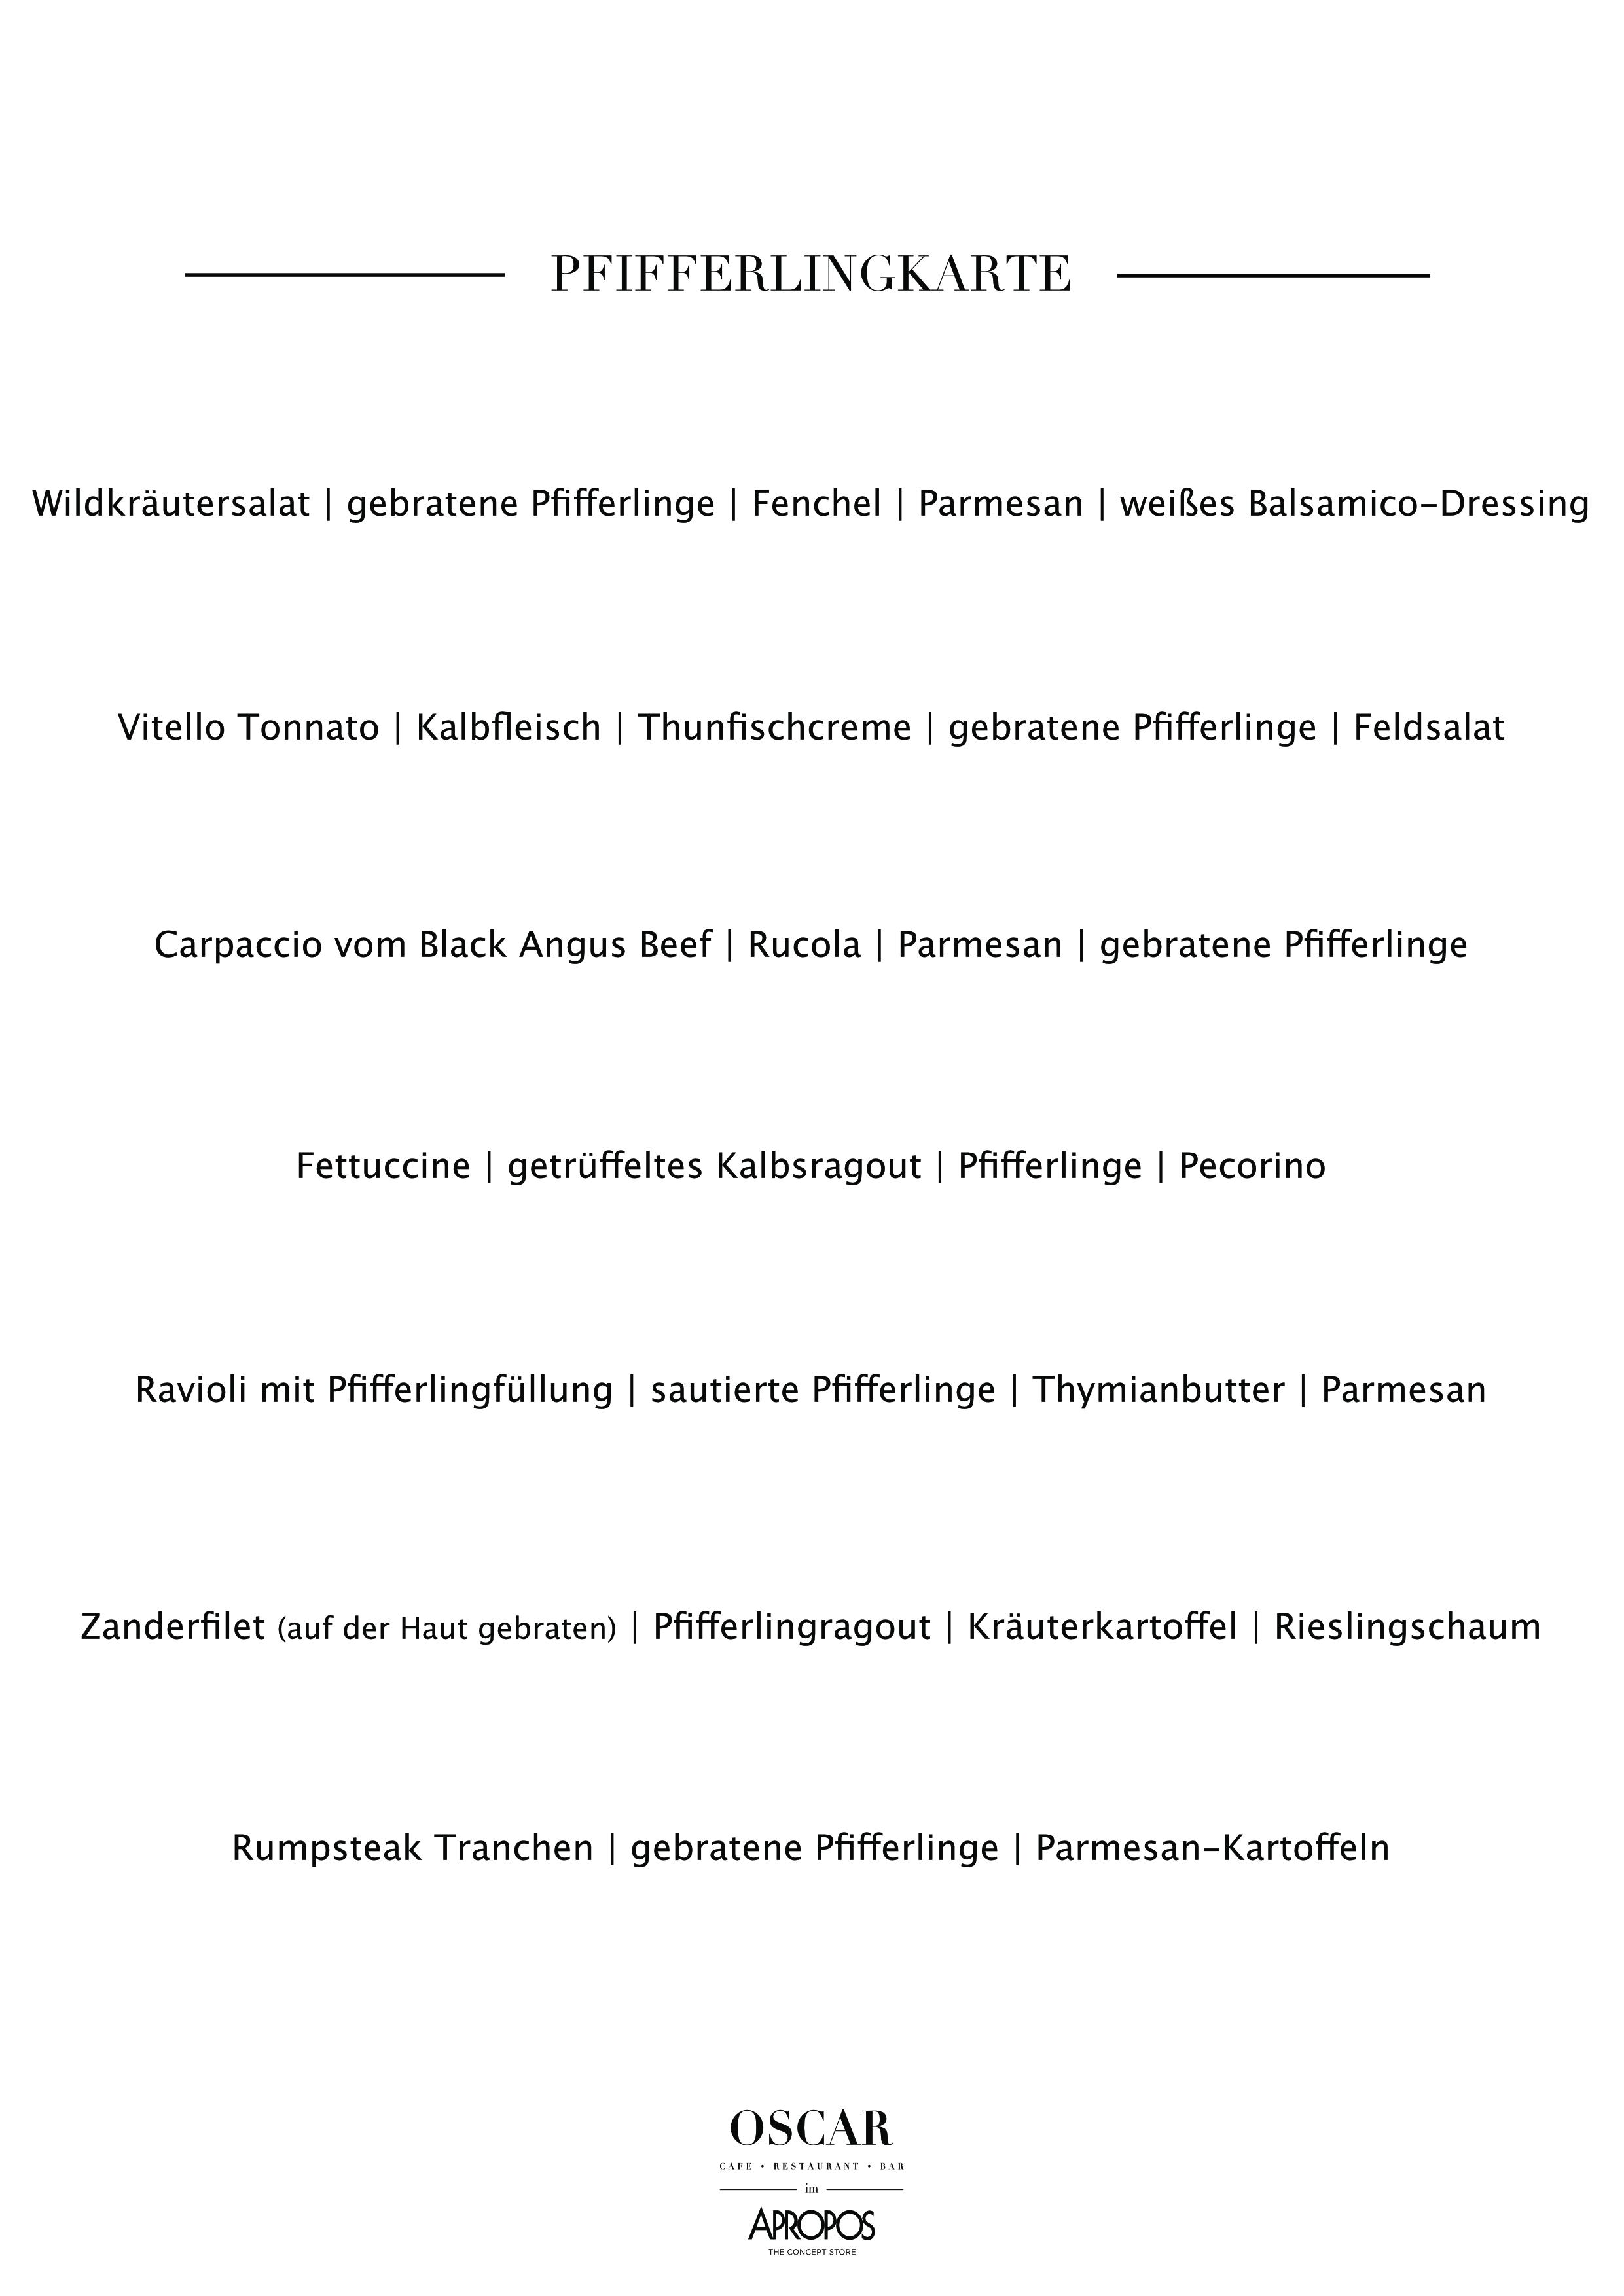 pfifferlingskarte-koln-juli-21-1